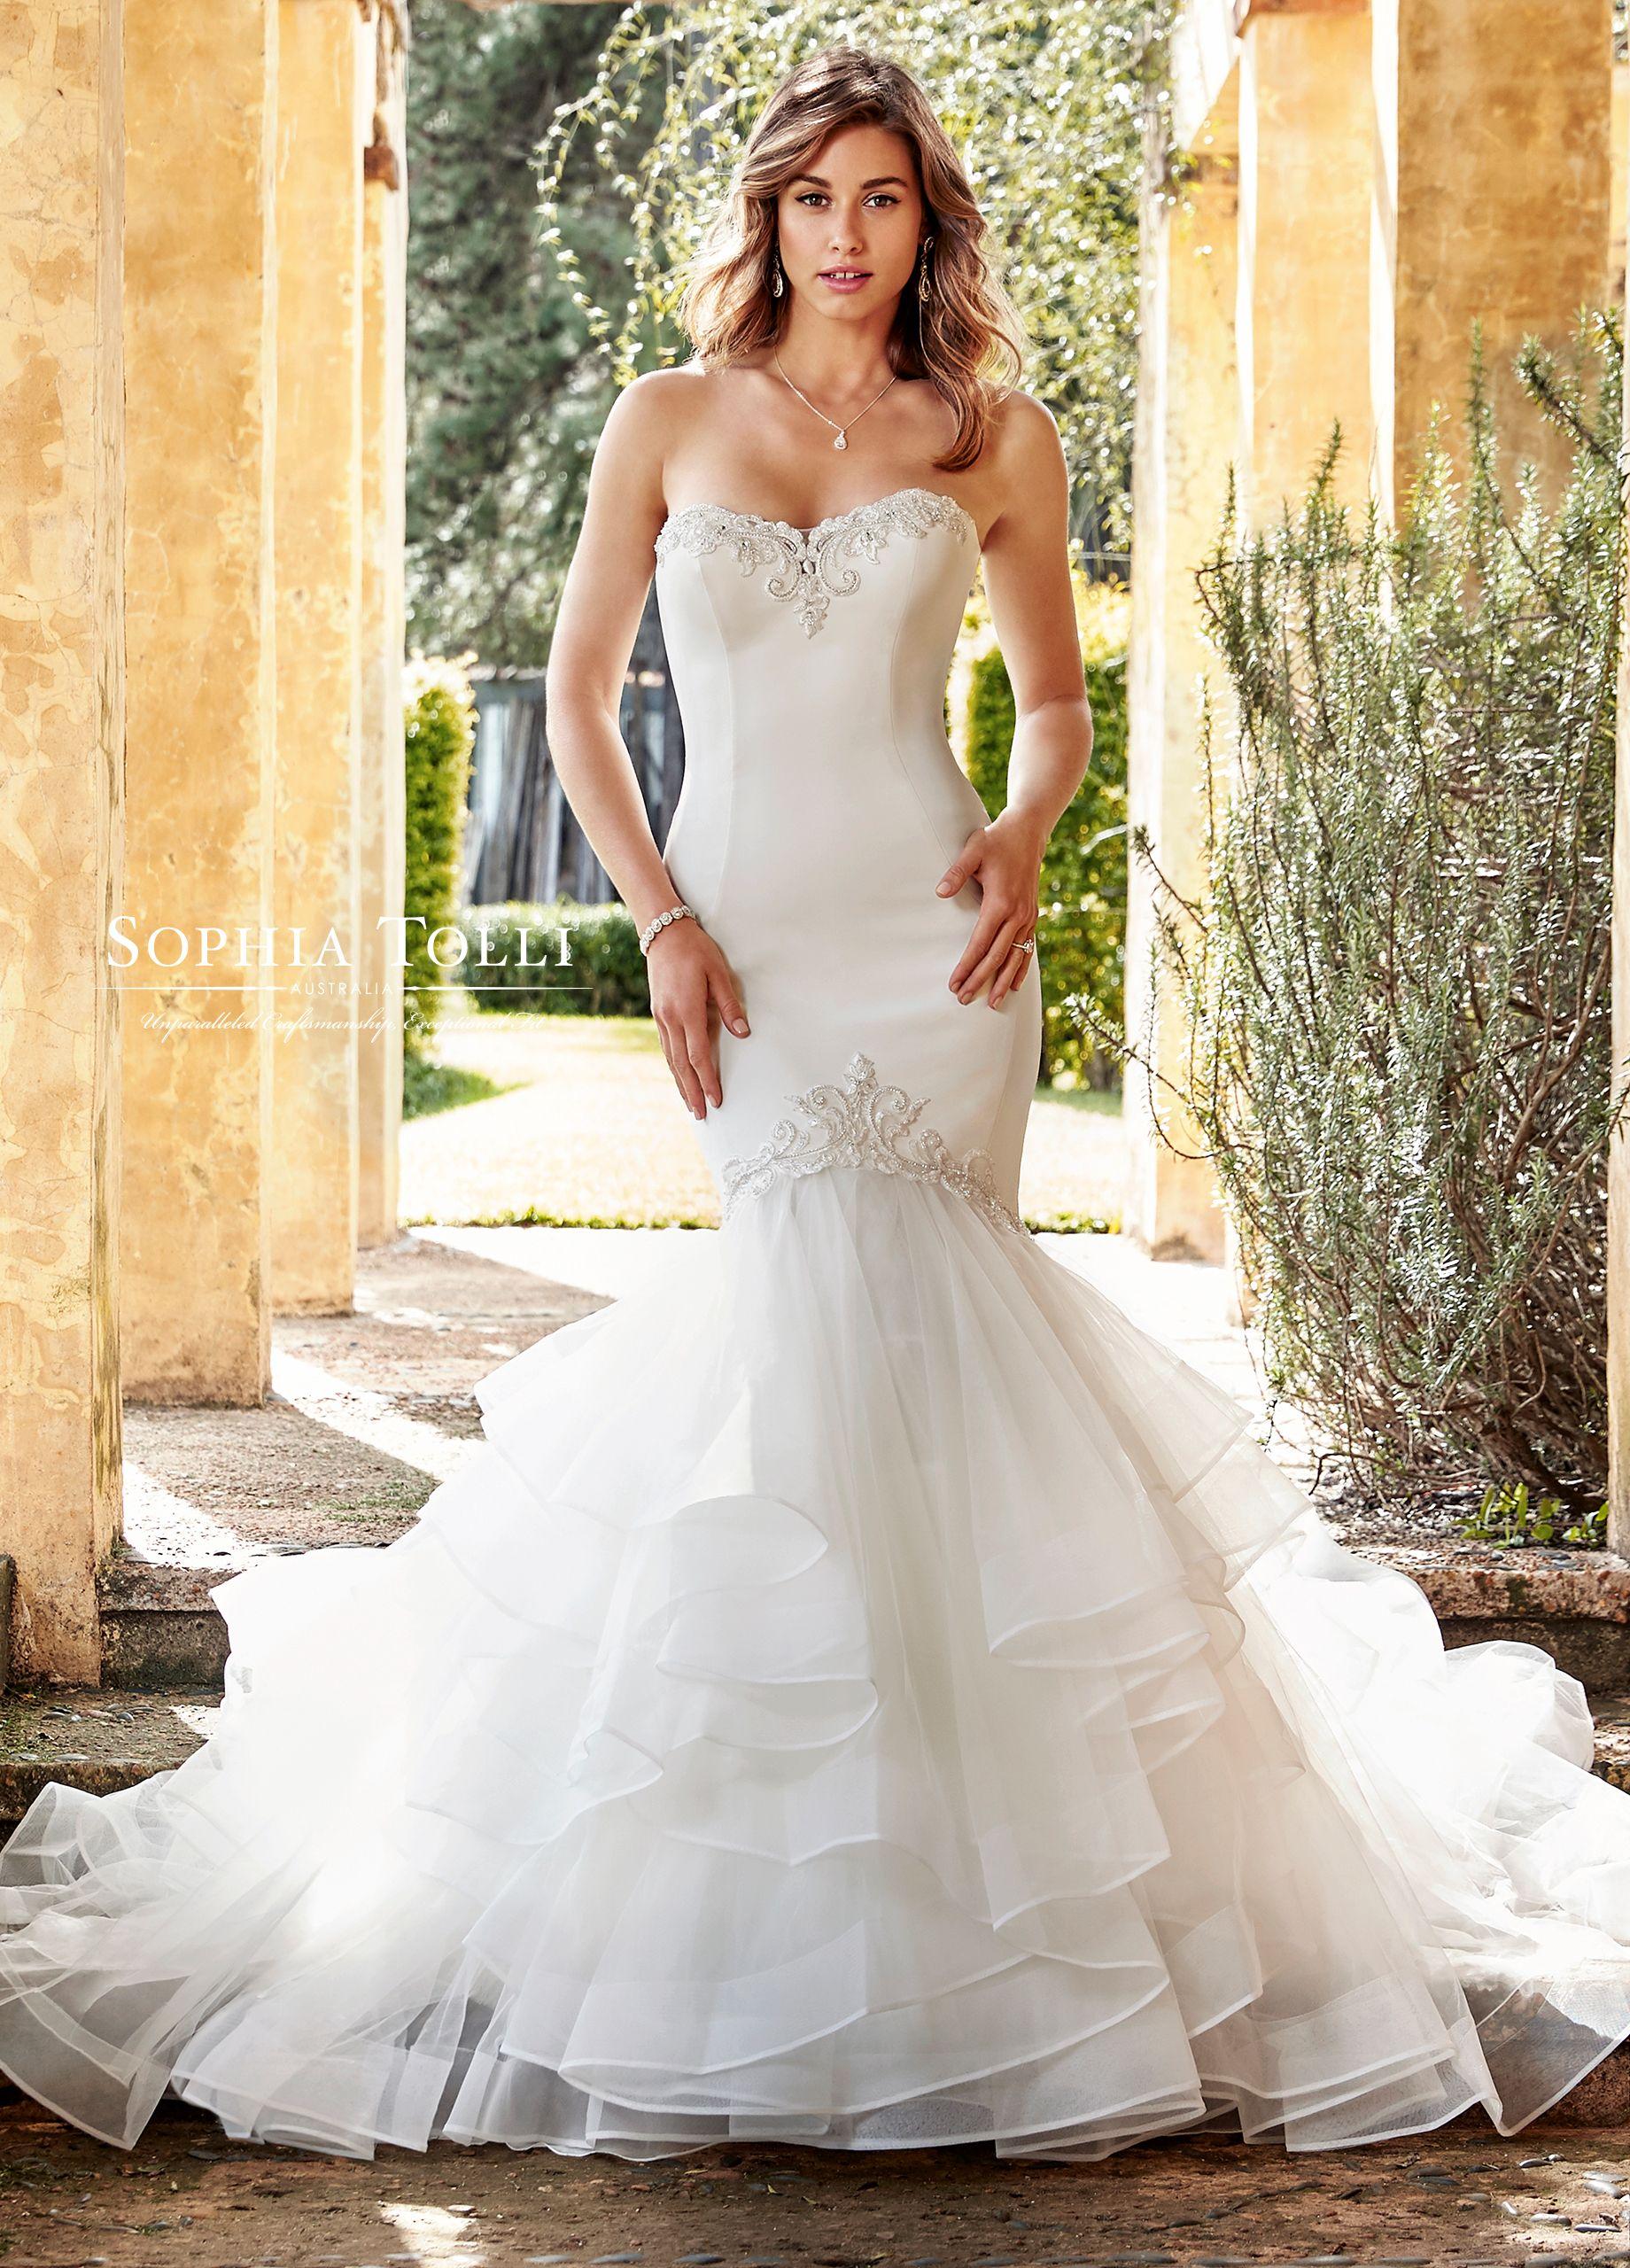 Y imani in stylish destination wedding dress ideas